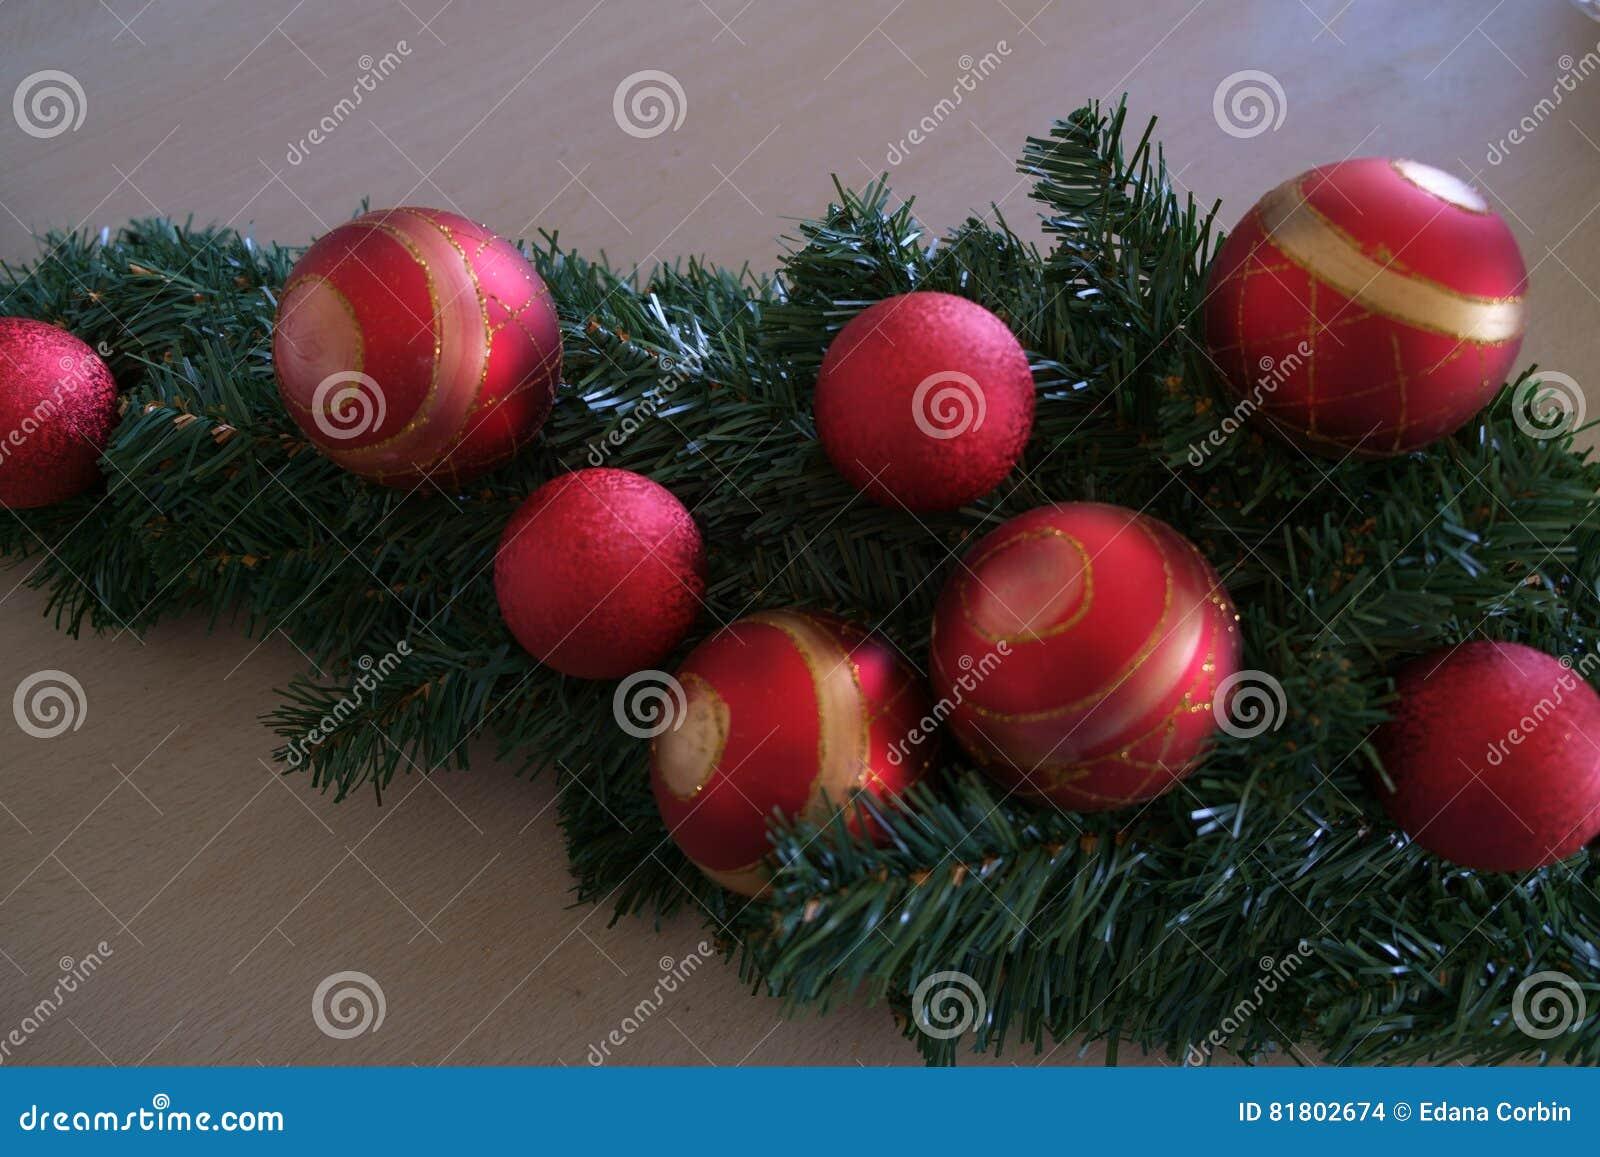 Натюрморт шариков рождественской елки